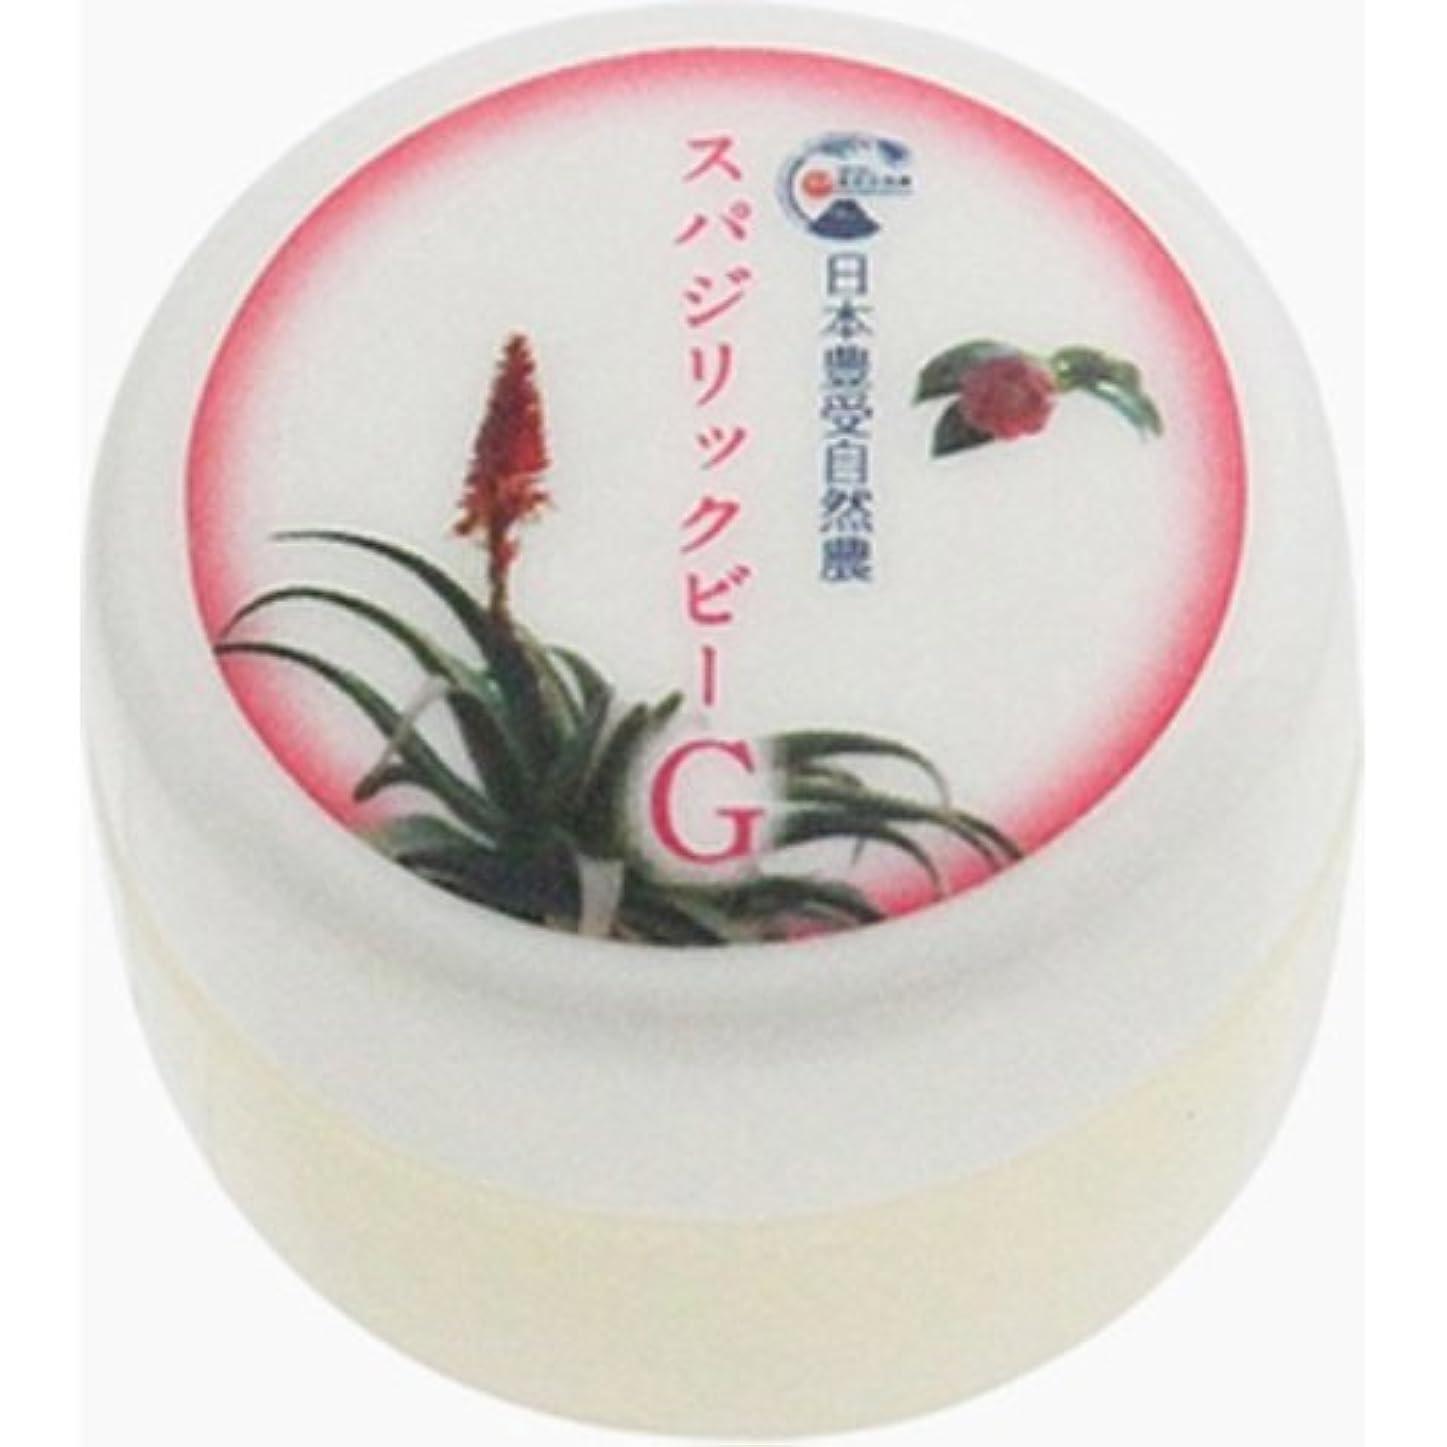 自発的空気アクチュエータ日本豊受自然農 スパジリック ビーG(大) 45g